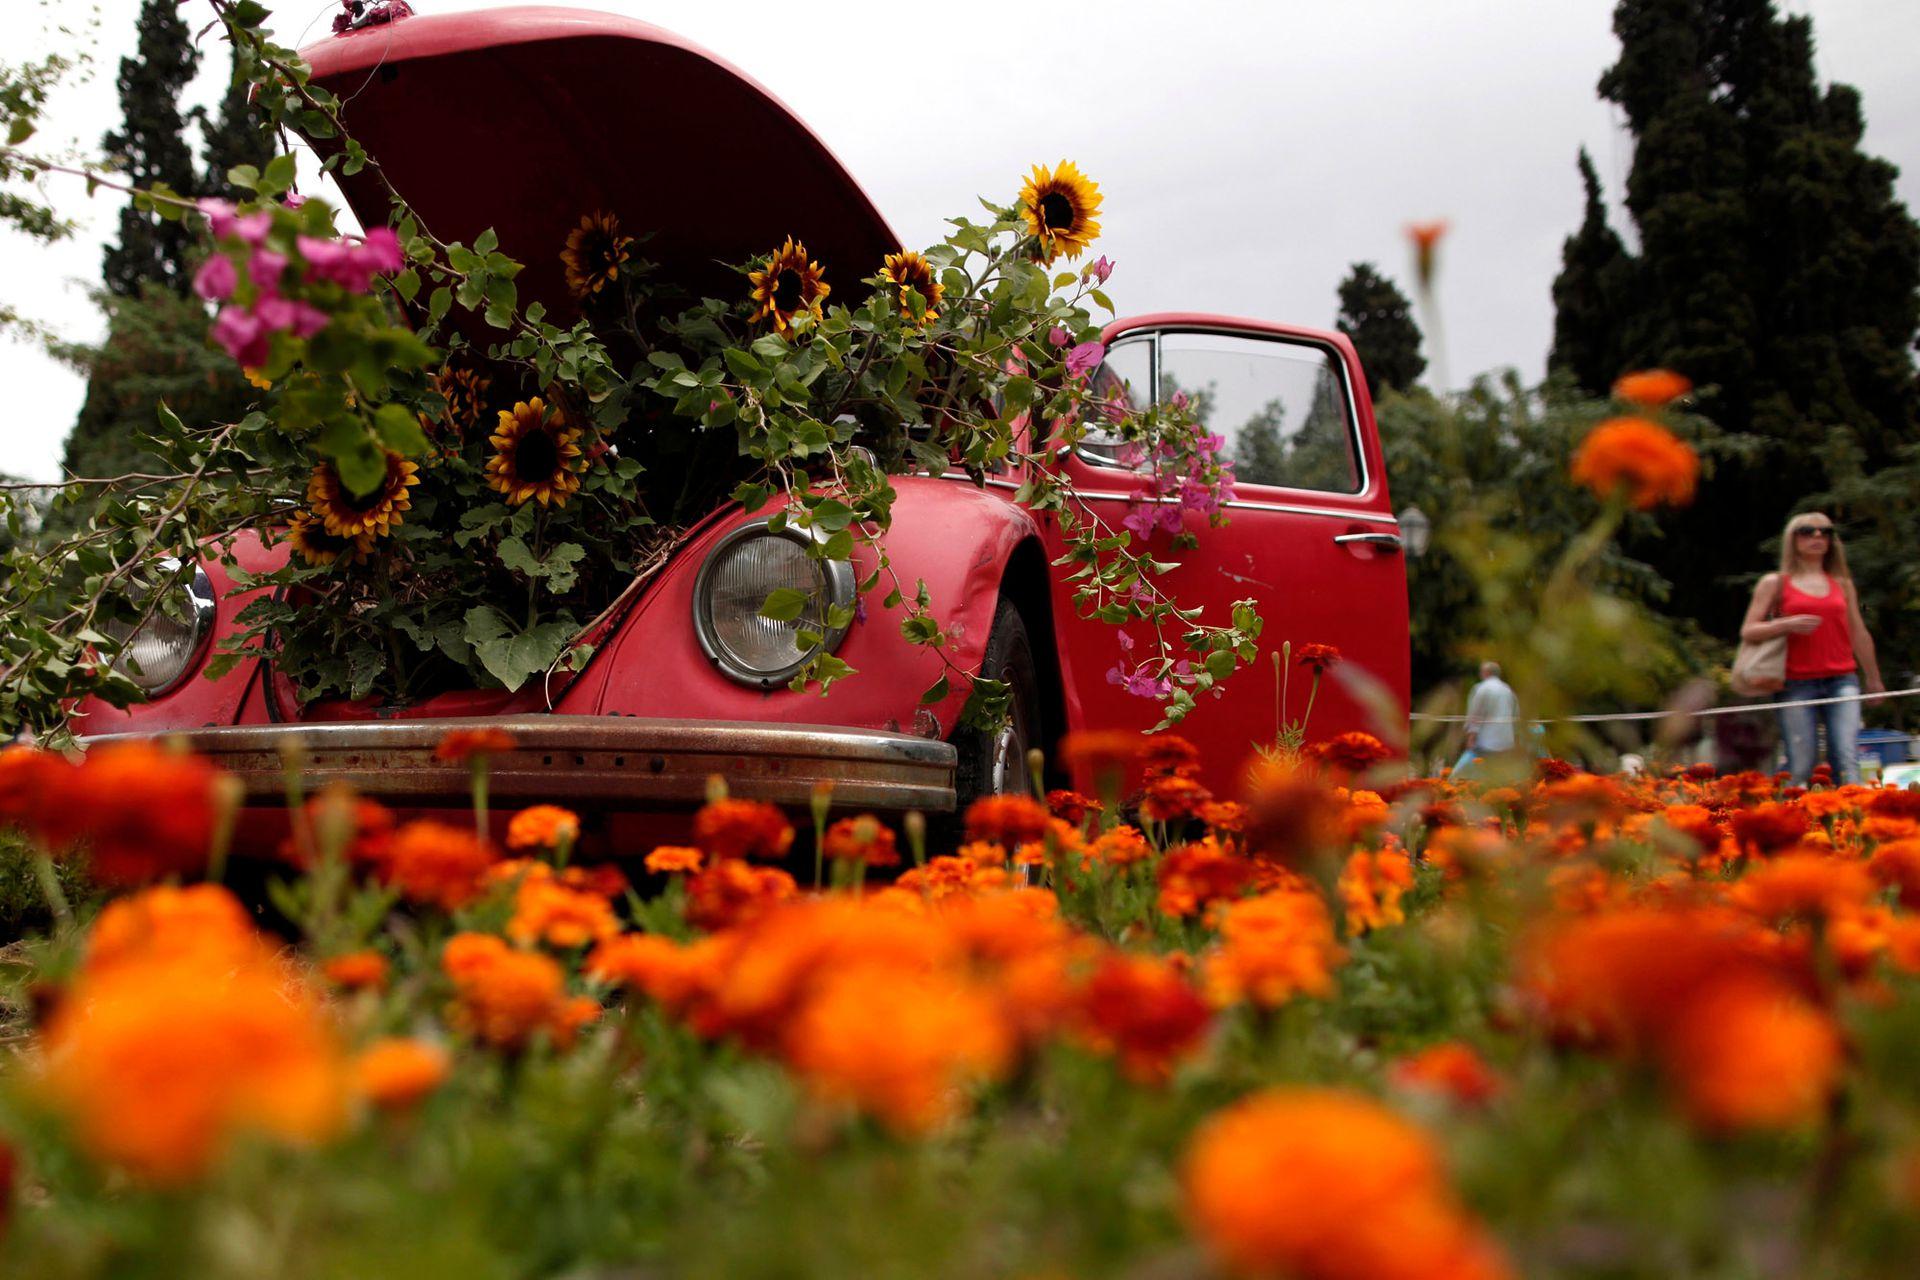 Girasoles en maceta que salen del capó de un viejo Volkswagen Beetle en el centro de la plaza Syntagma, en Atenas, Grecia